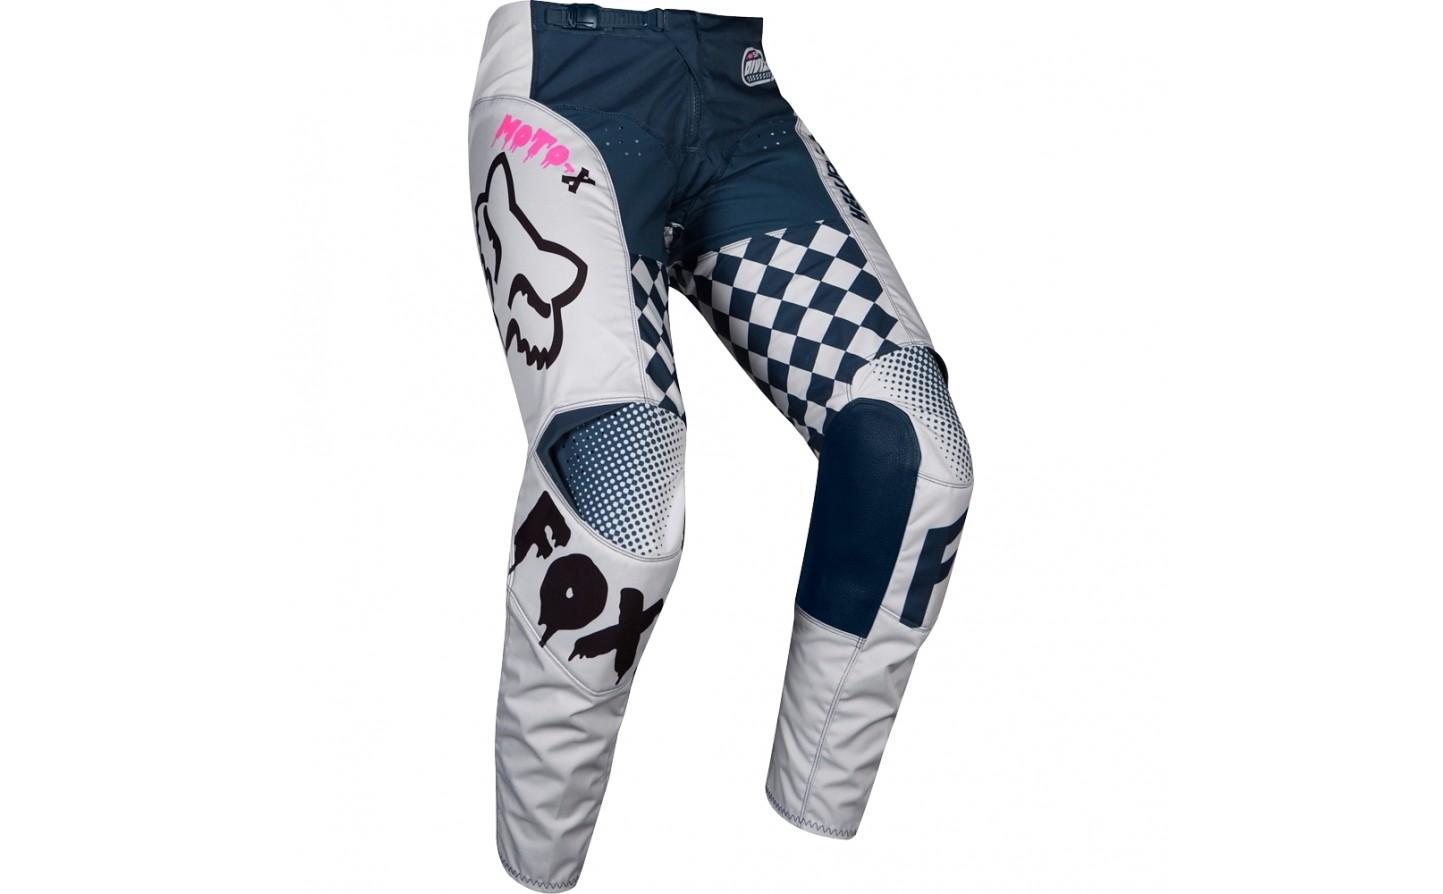 Pantalon Motocross Fox Kids 180 Czar Pant Infantil Claro Gris 22147 097 Fabregues Motos